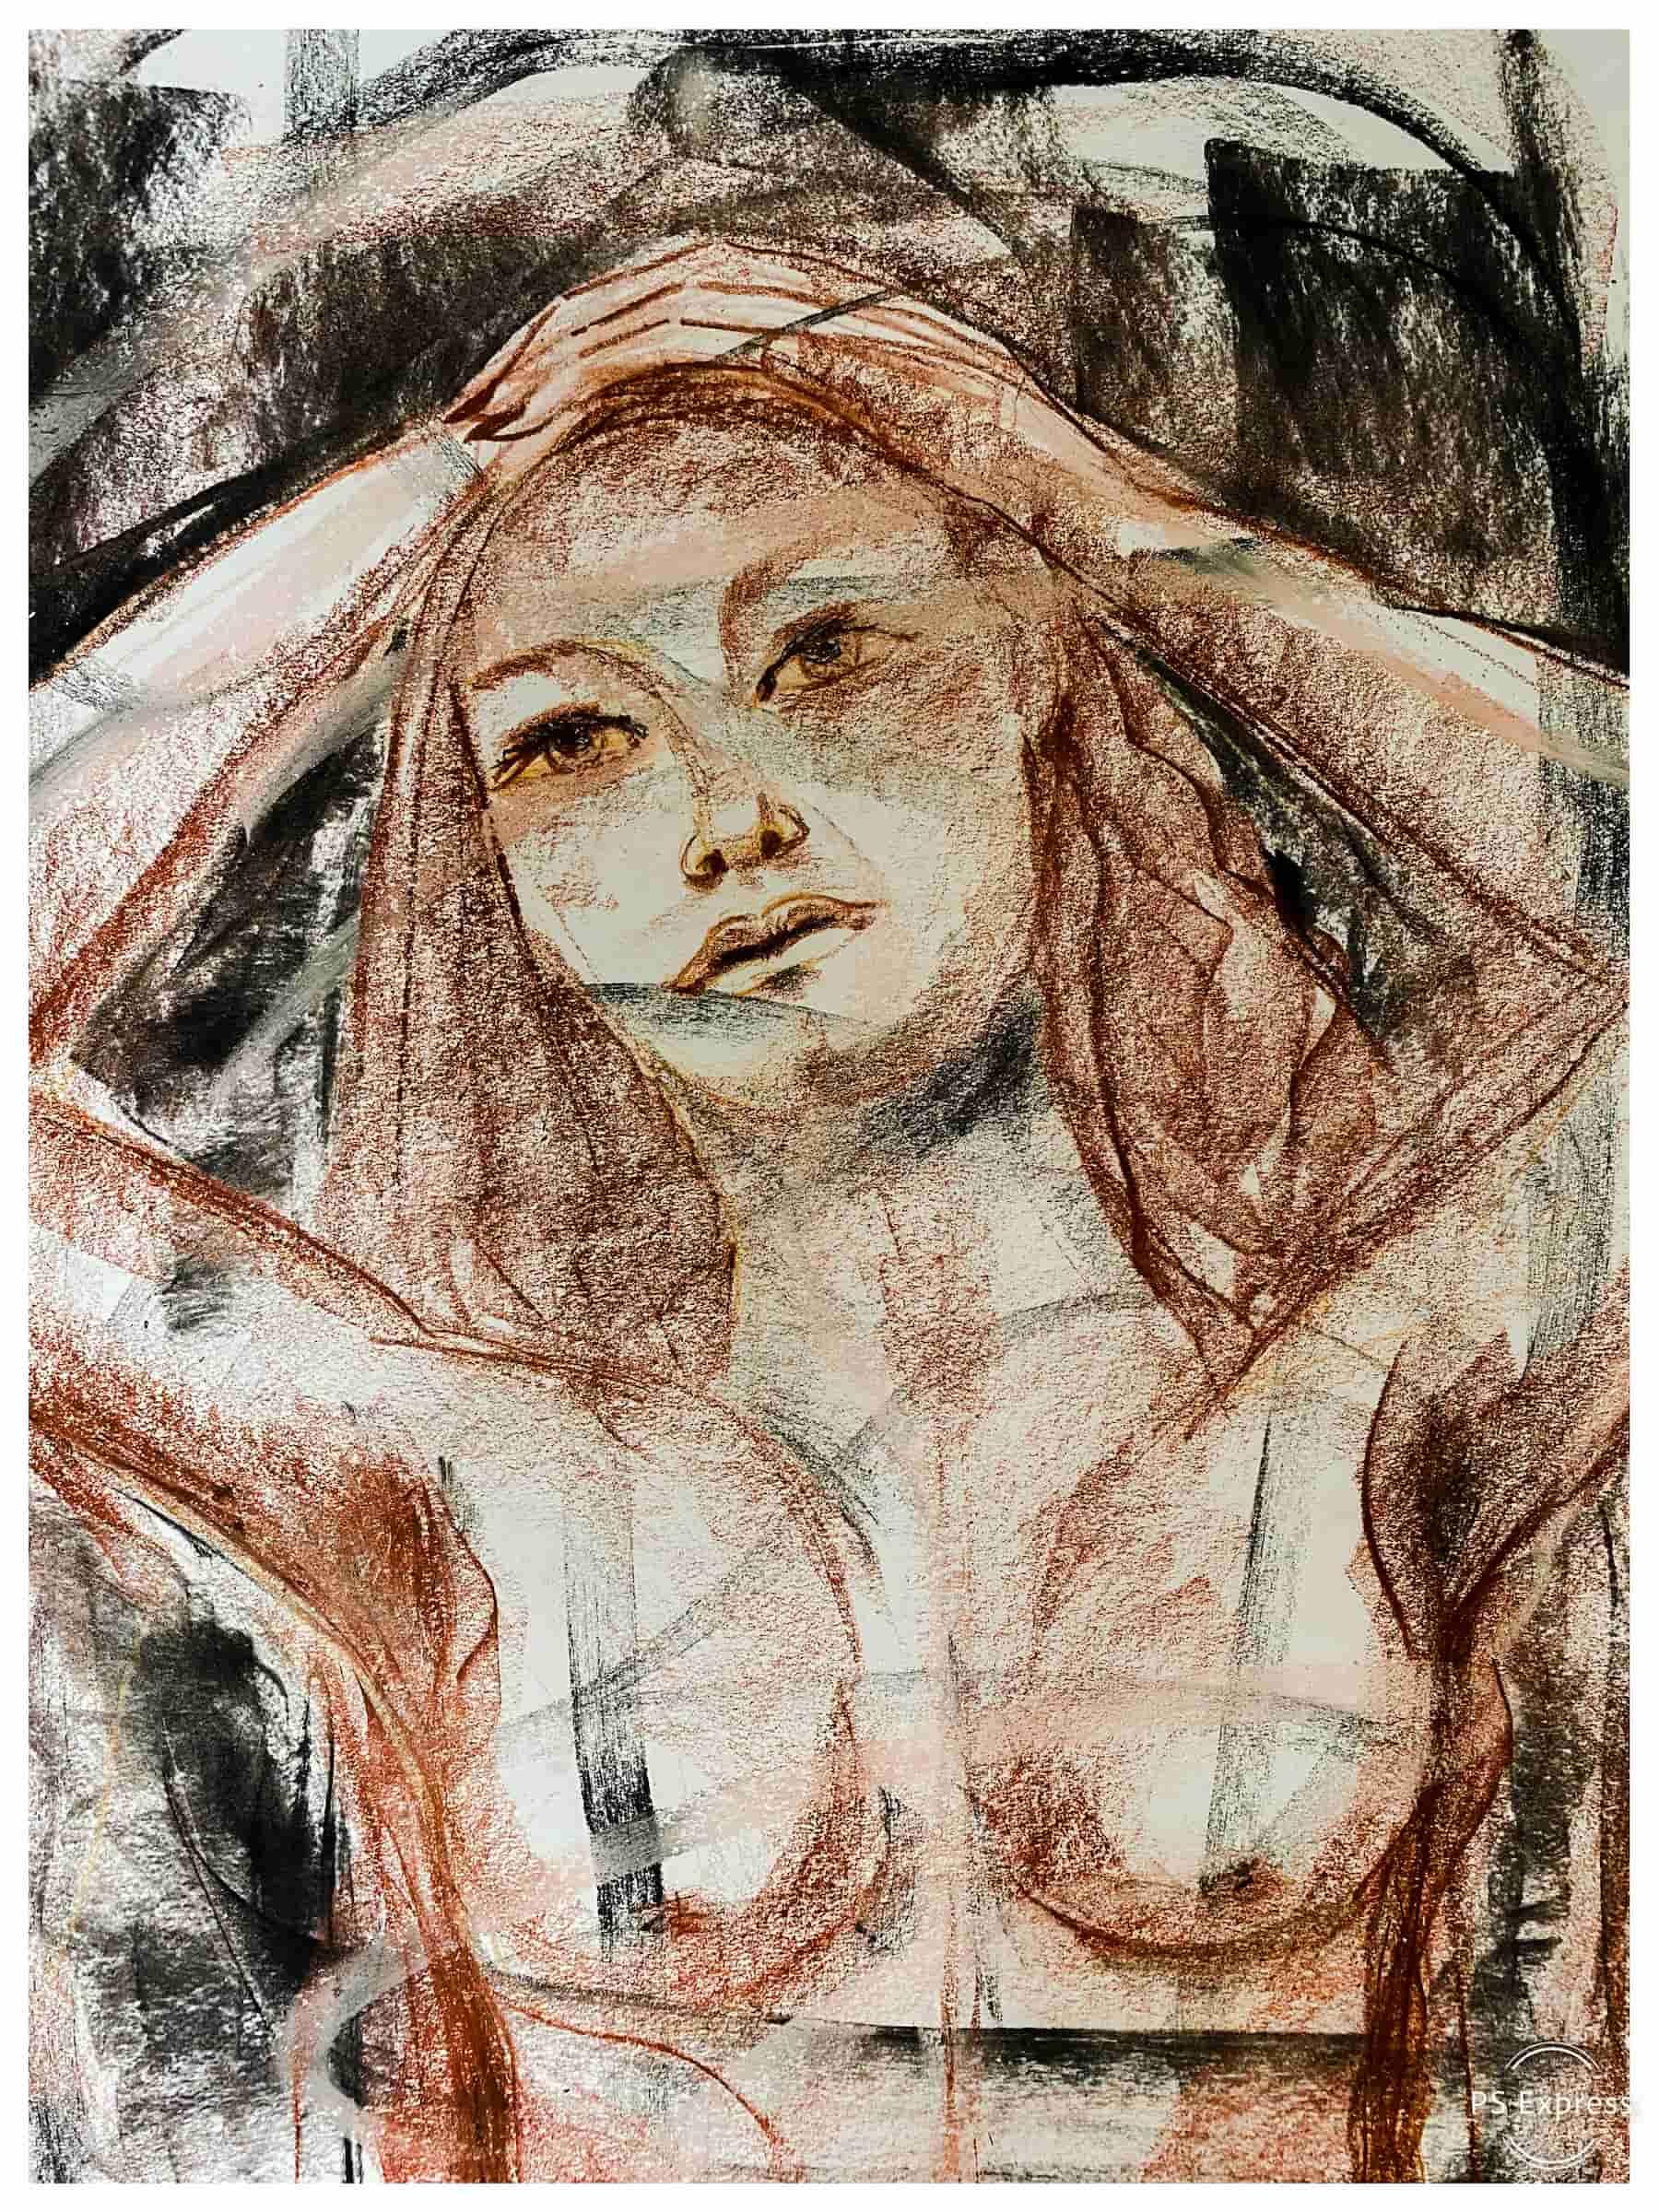 4. Bild Weiblicher Akt (Kohle, Kreide auf Papier, A3) by Katja Hofmann